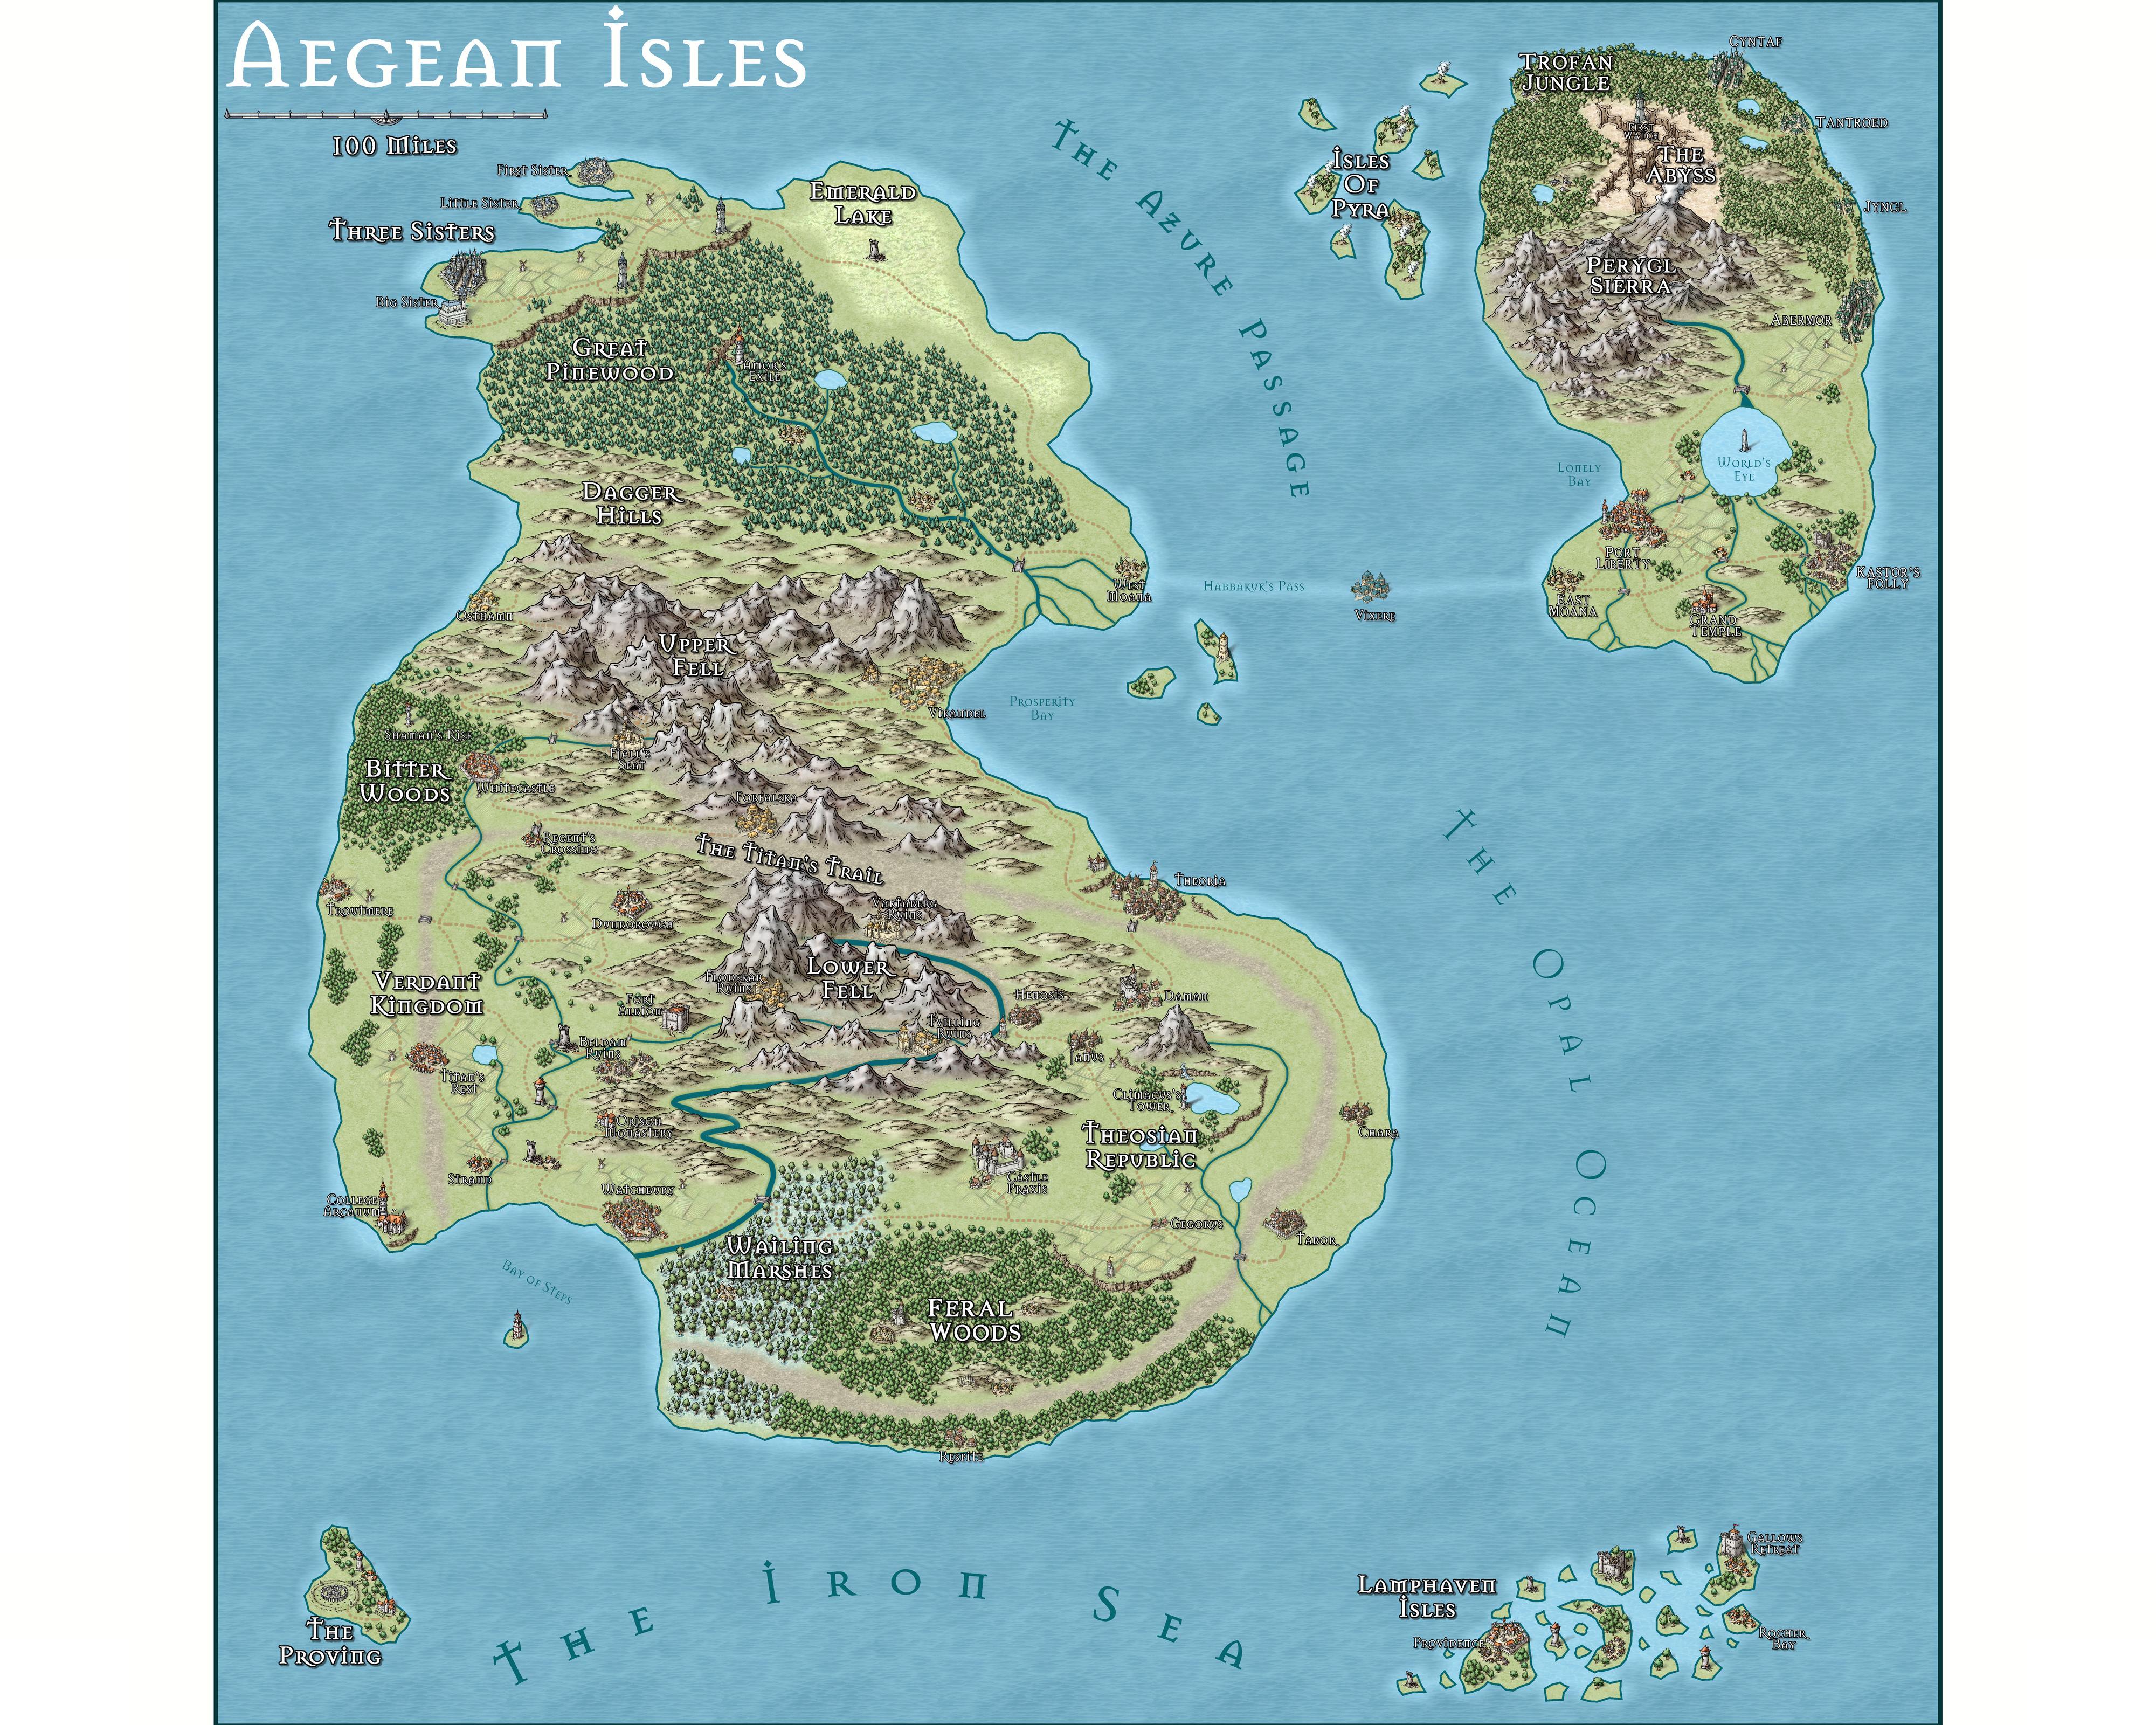 AegeanIsles-Min.JPG